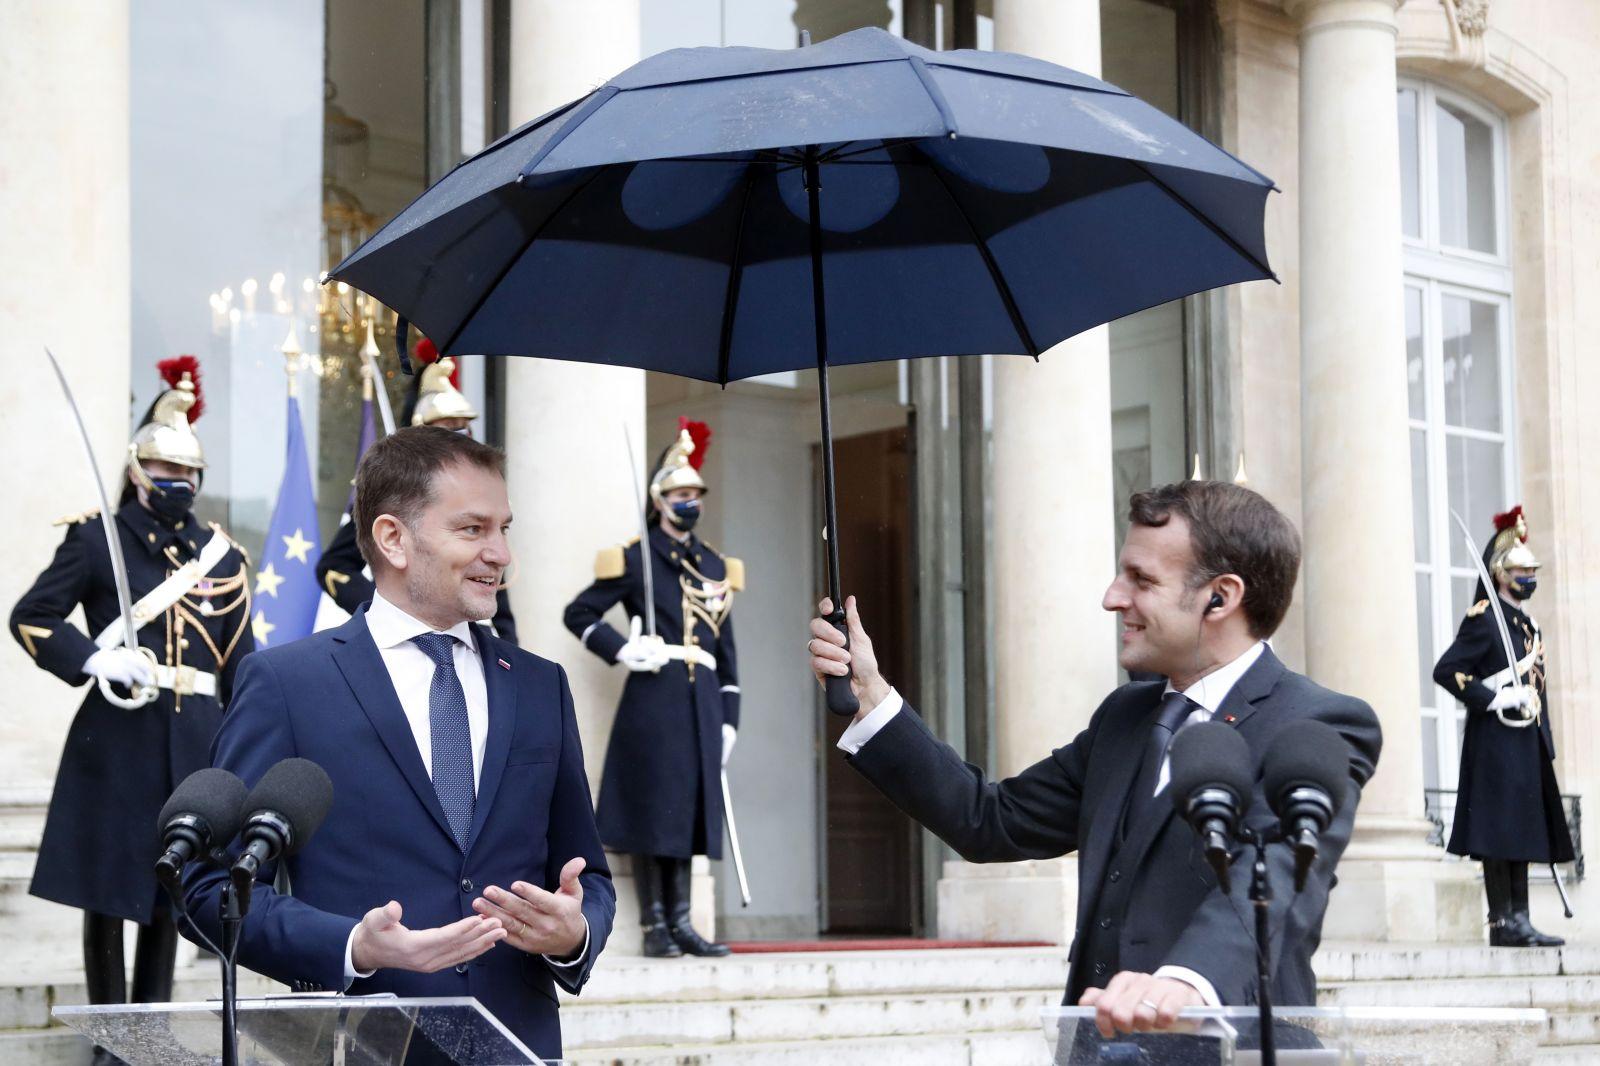 """""""Ďakujem za jednoduchosť,"""" povedal Matovičovi prezident Macron, keď mu vysvetľoval, ako sa nechal ostrihať mladšou dcérkou"""